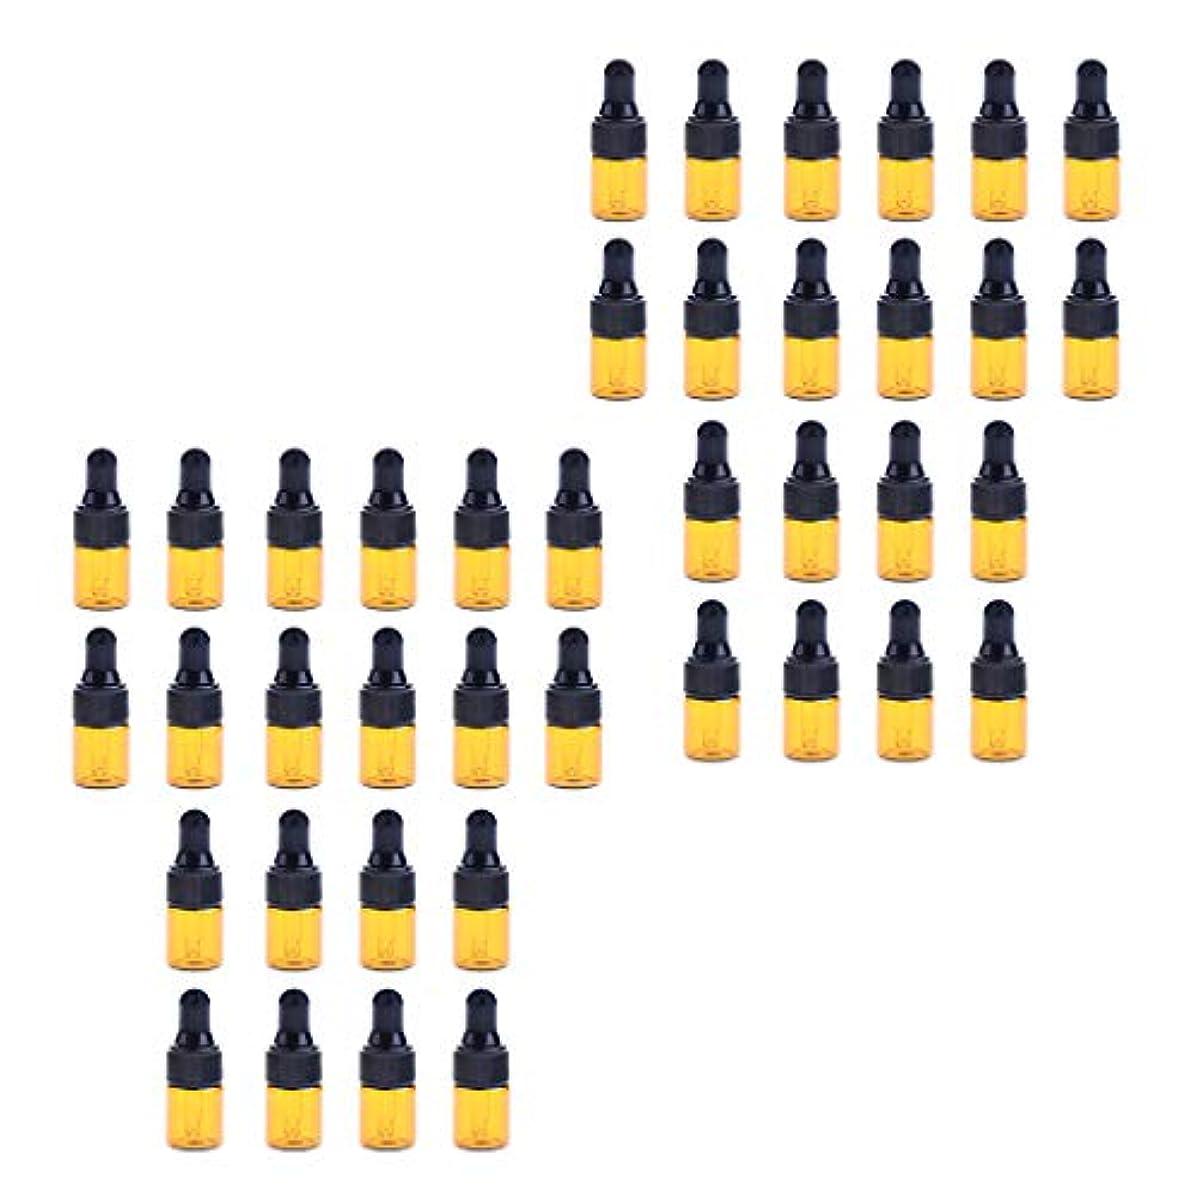 反抗地雷原長々とドロッパーボトル ガラス瓶 エッセンシャルオイル 精油 保存容器 詰め替え 小型 1ml /2ml 40個入